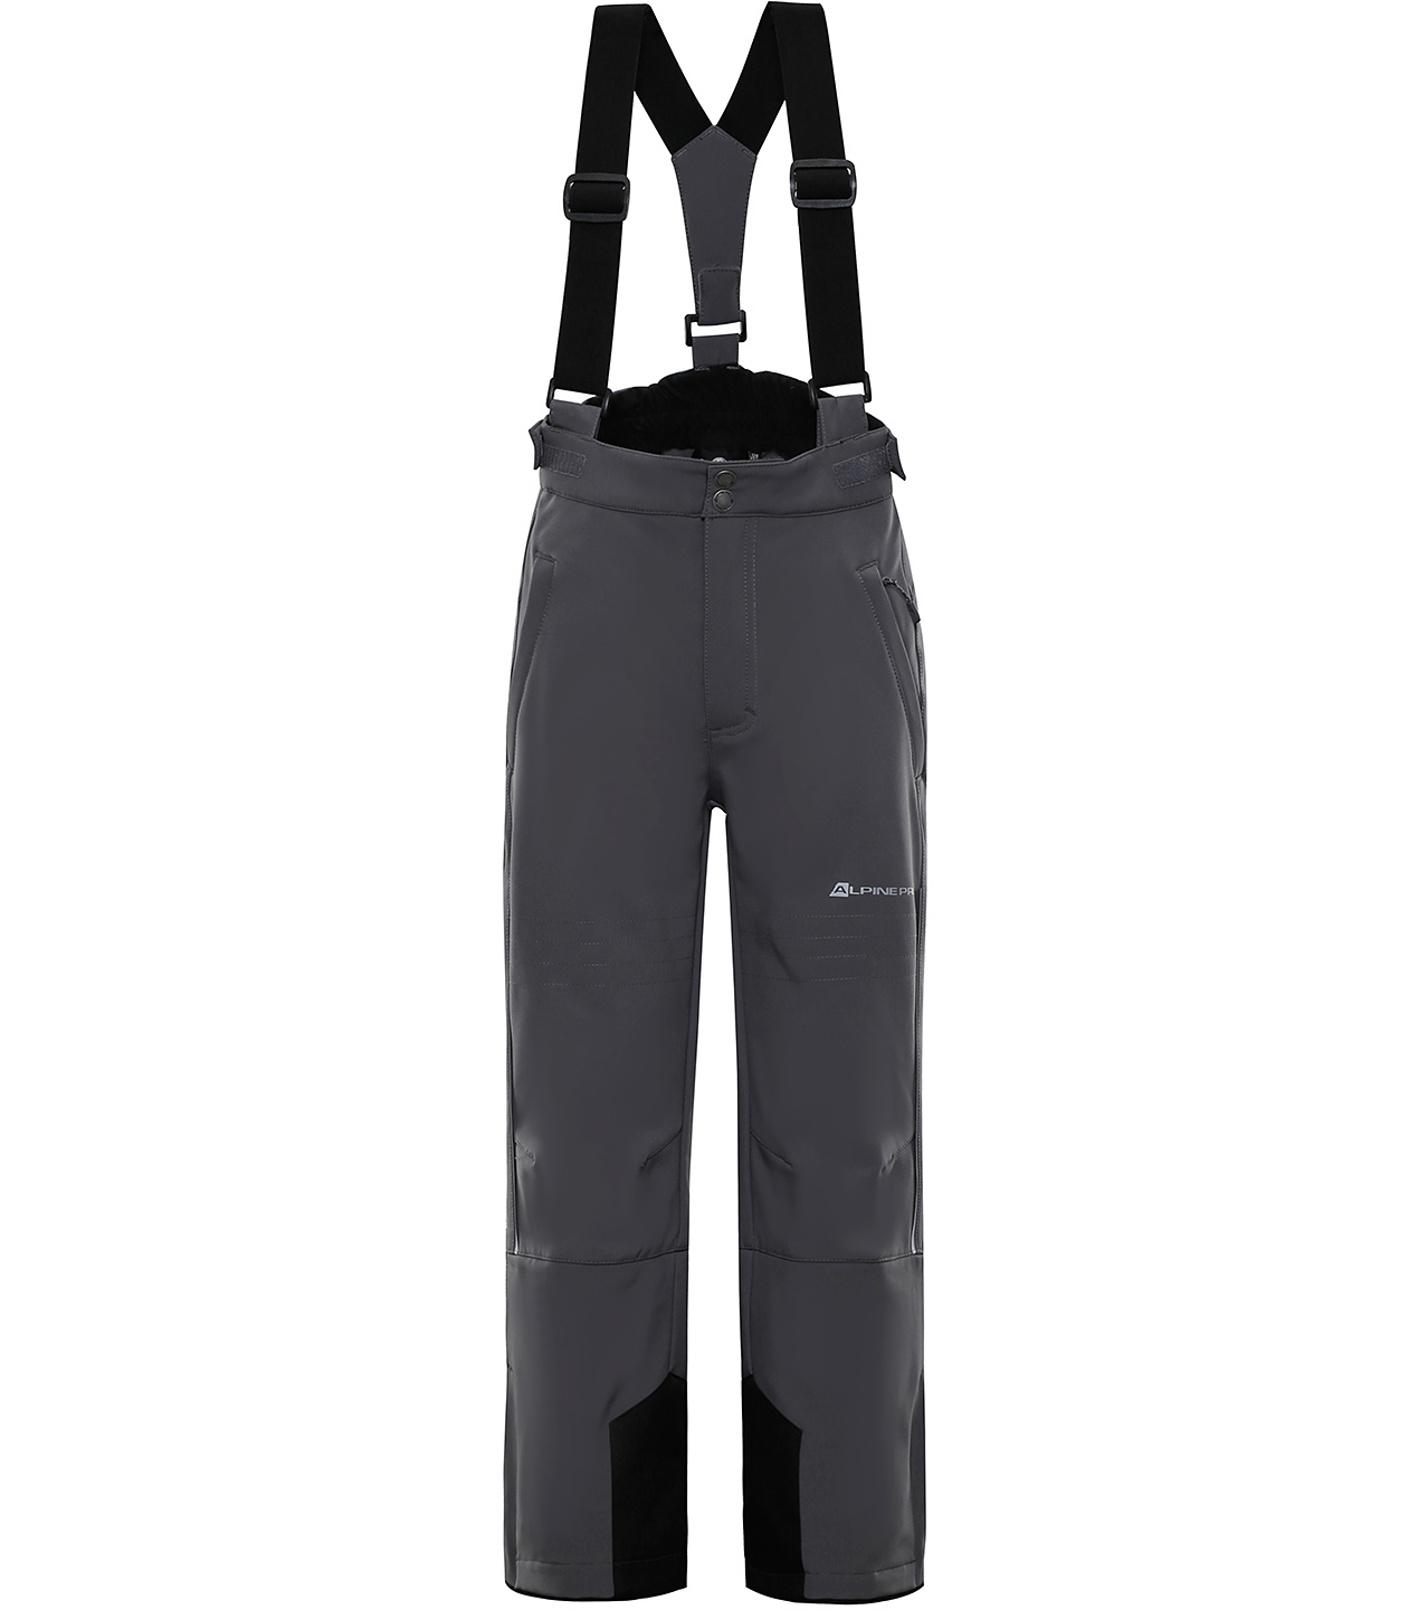 ALPINE PRO NEXO 2 Dětské softshellové lyžařské kalhoty KPAP169770 šedá 128-134